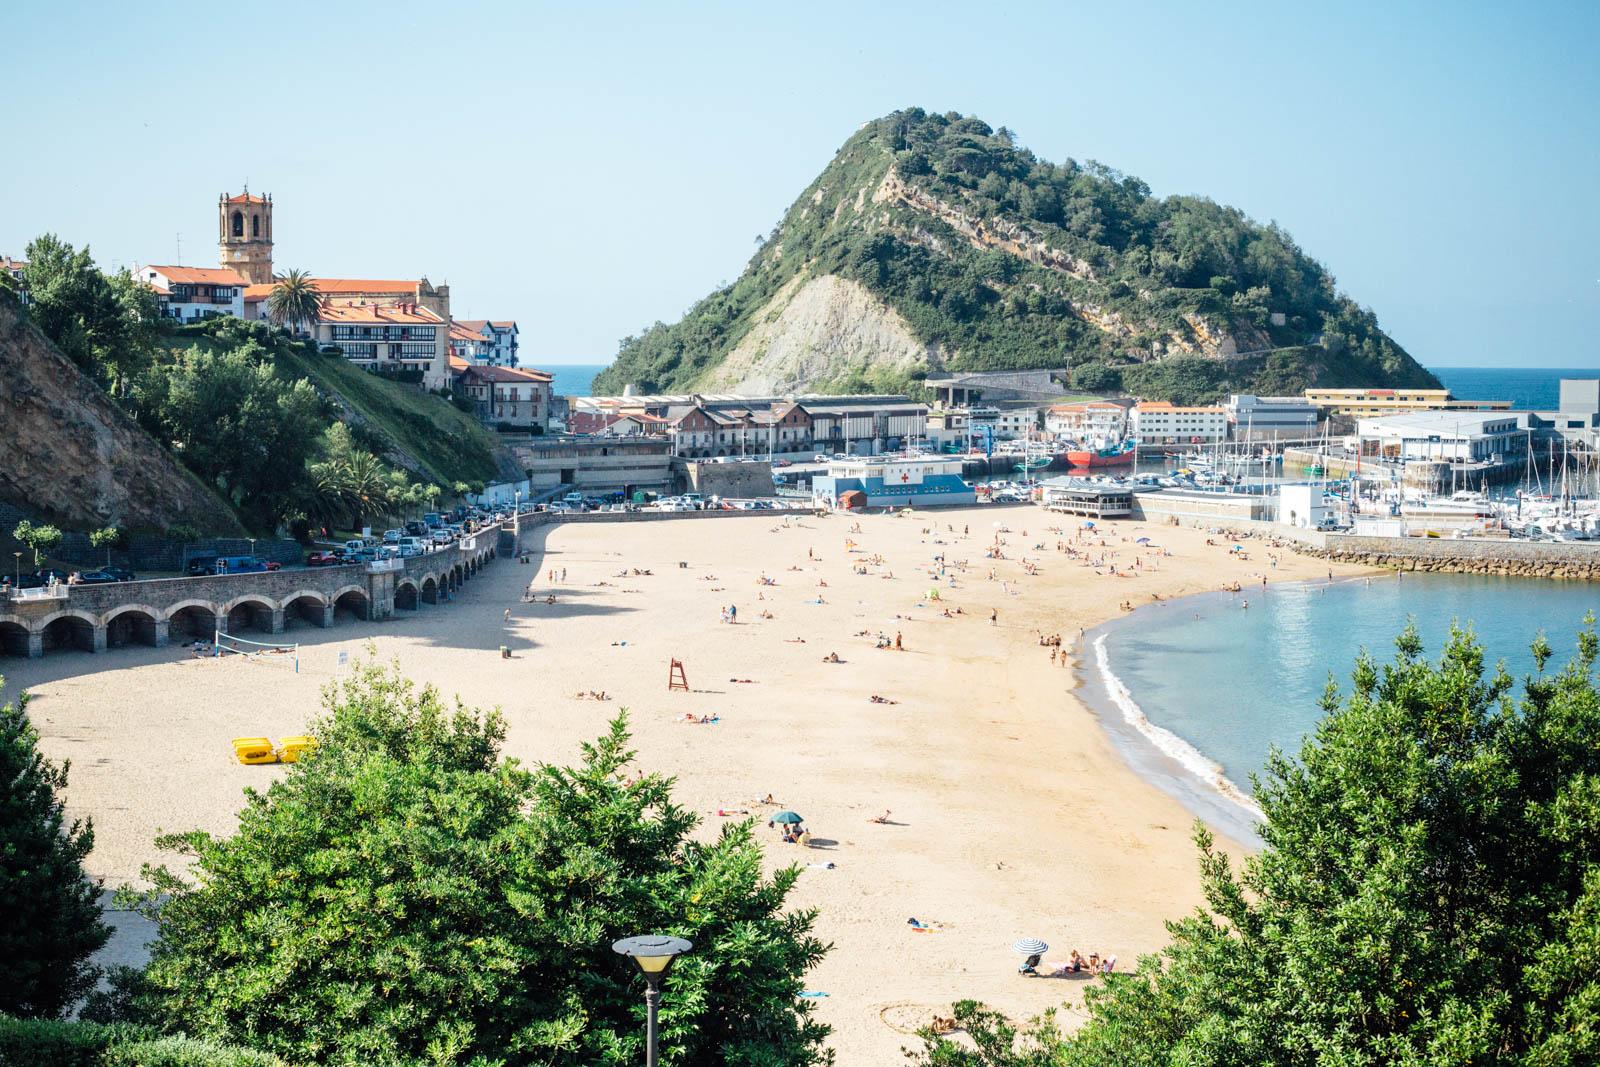 Elcano's hometown: Getaria!